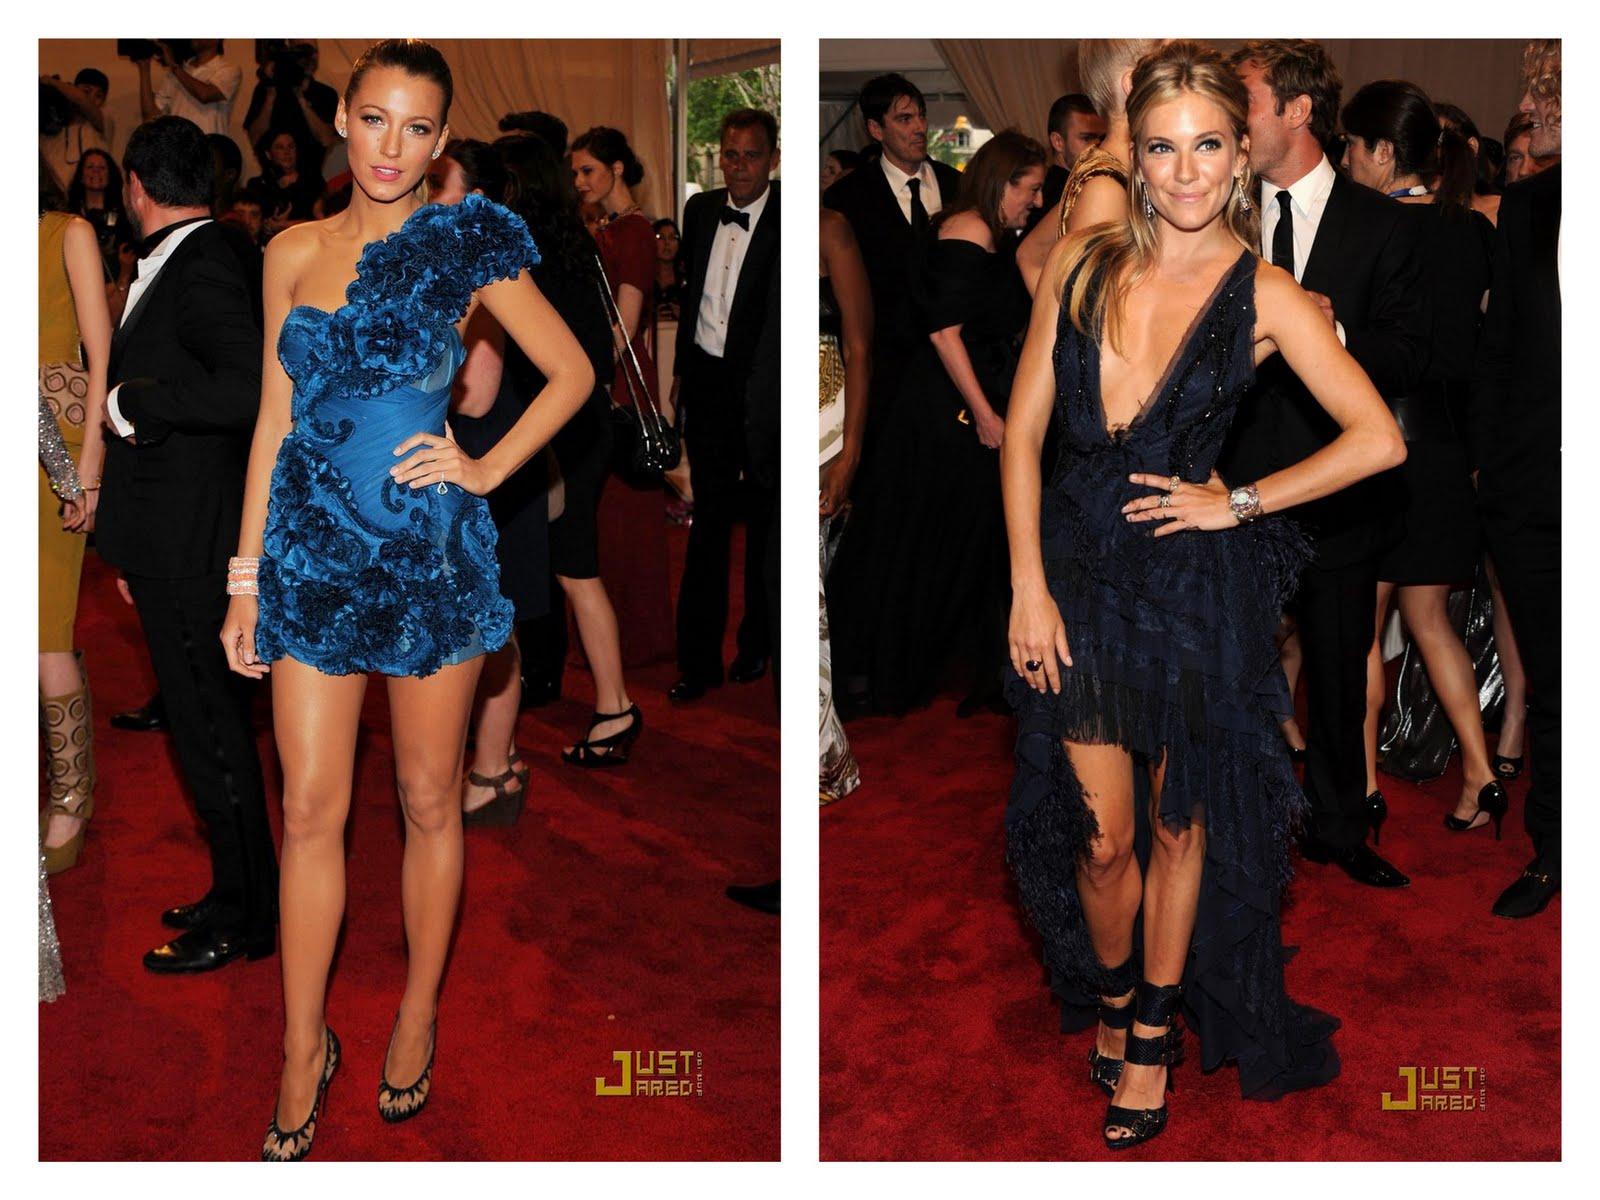 http://2.bp.blogspot.com/_8yWUt1YOWsQ/S-Br_DGnucI/AAAAAAAABz0/KgmMPhqLxHM/s1600/moda+met+ball+2010+looks+vestidos+curtos+mini+dress.jpg